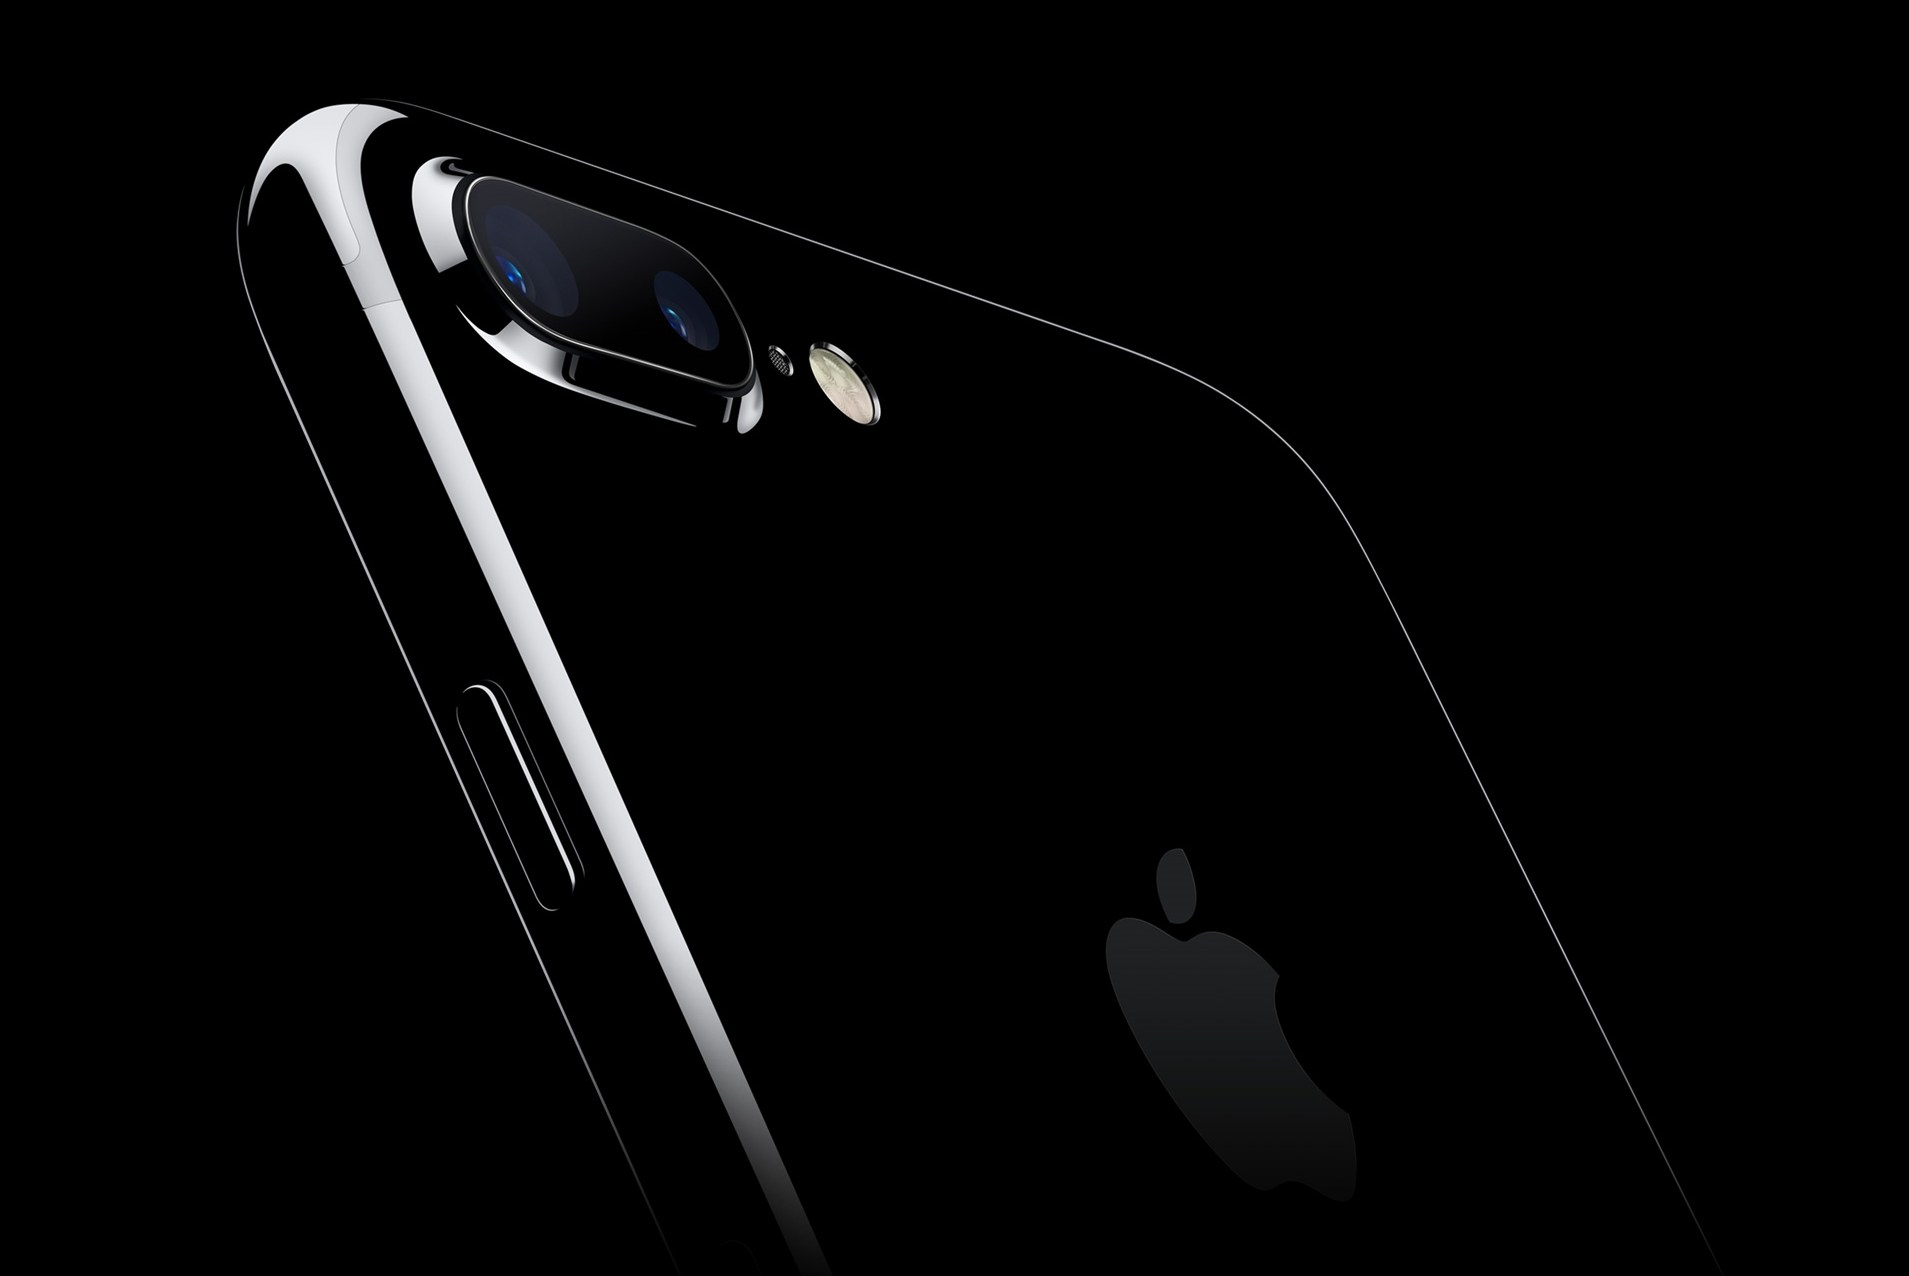 iPhone 7 : Apple préfère taire ses premiers chiffres de vente